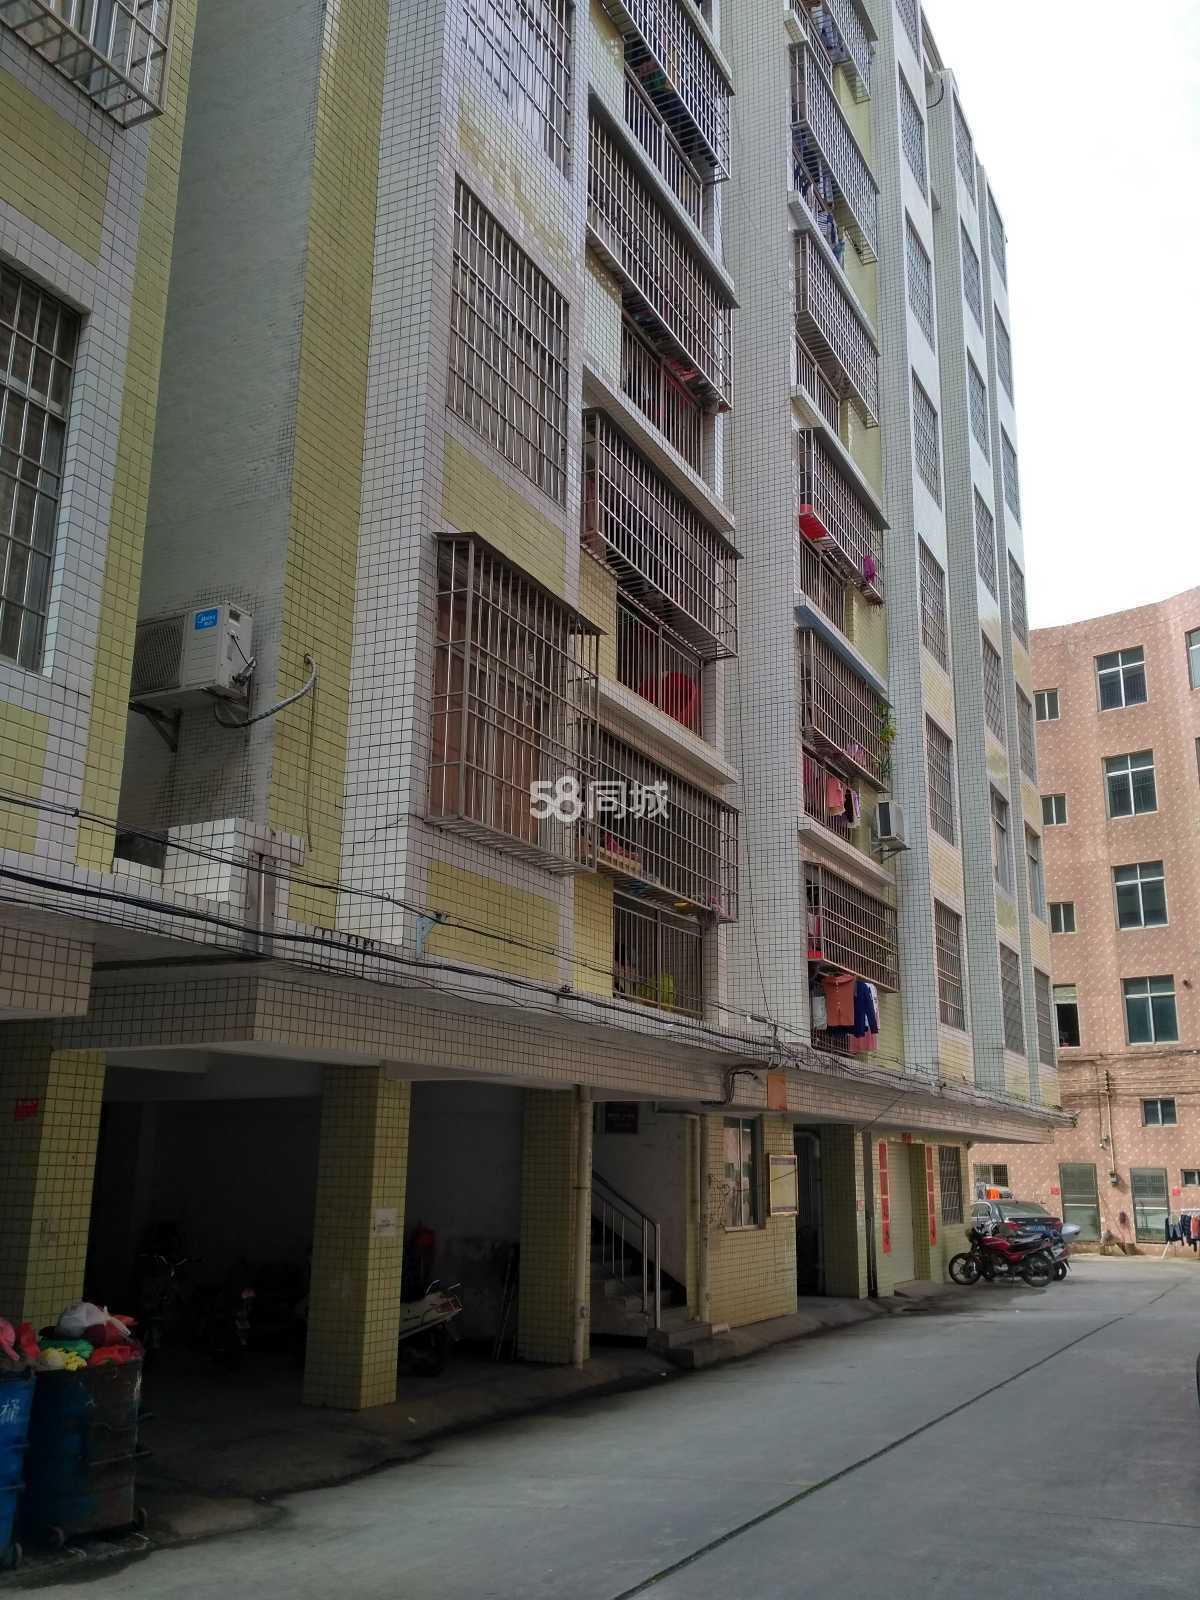 阳东工业大道,金桂花园,二房一厅2室2厅1卫